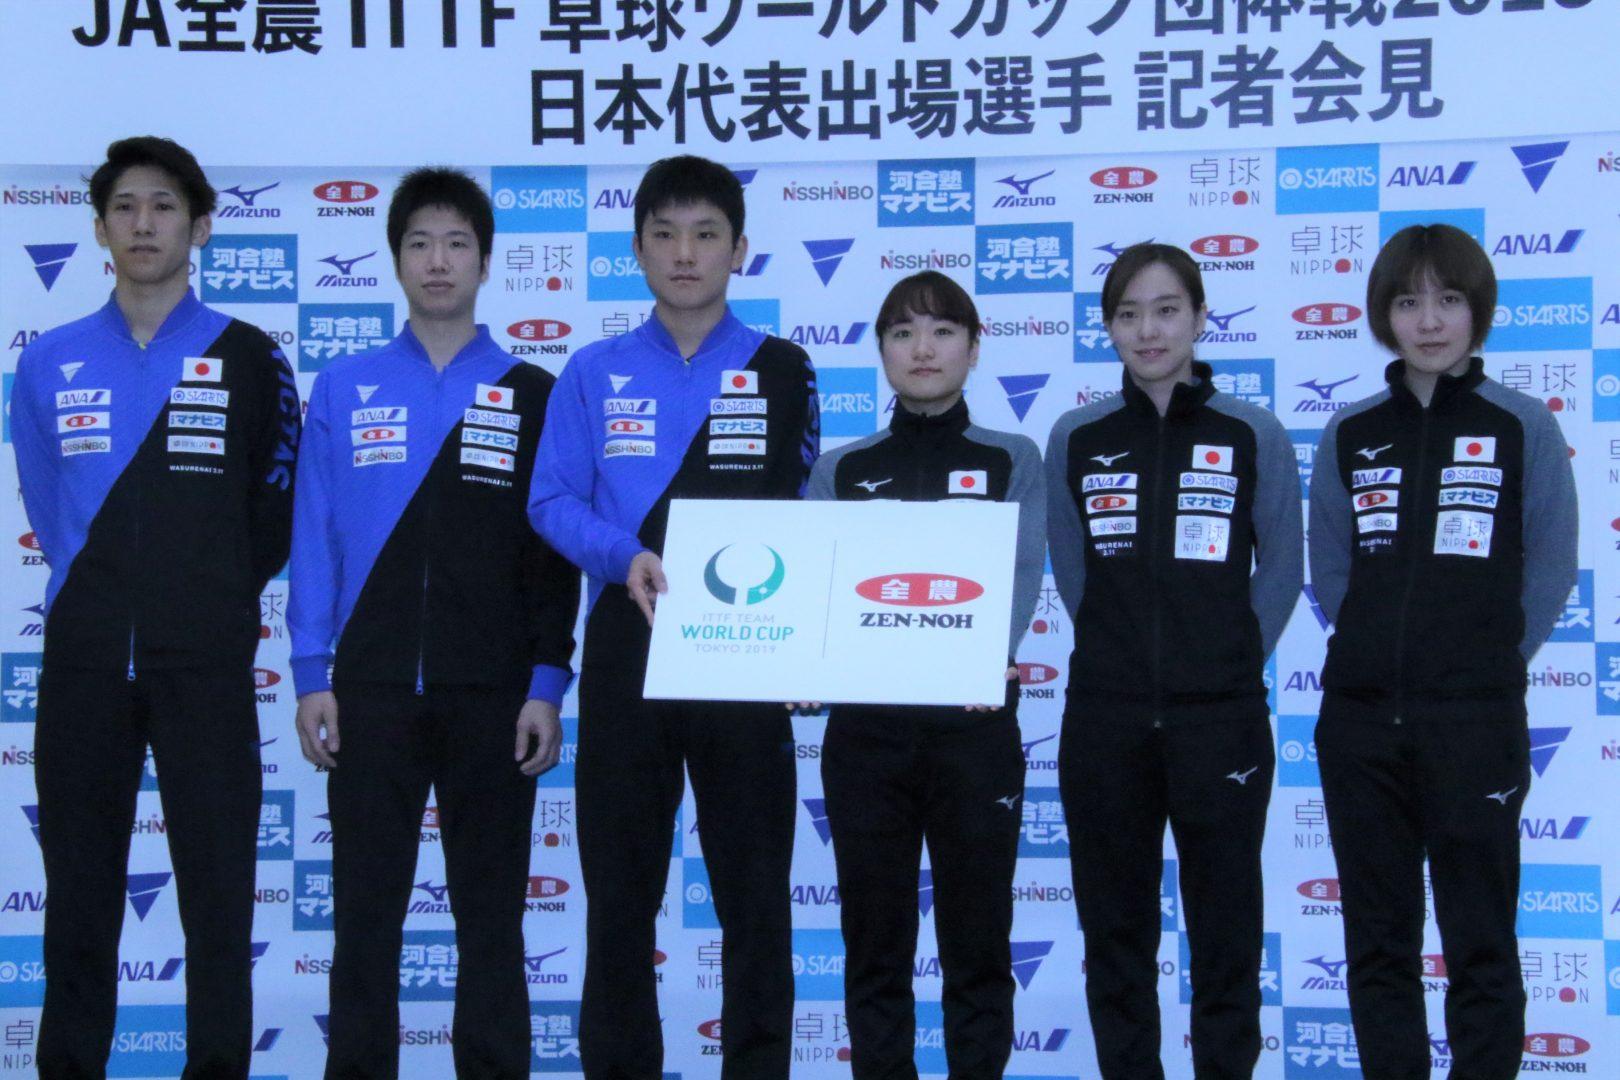 石川佳純「日本で戦う団体戦は特別」 男女6選手、卓球・チームW杯東京大会へ意気込み